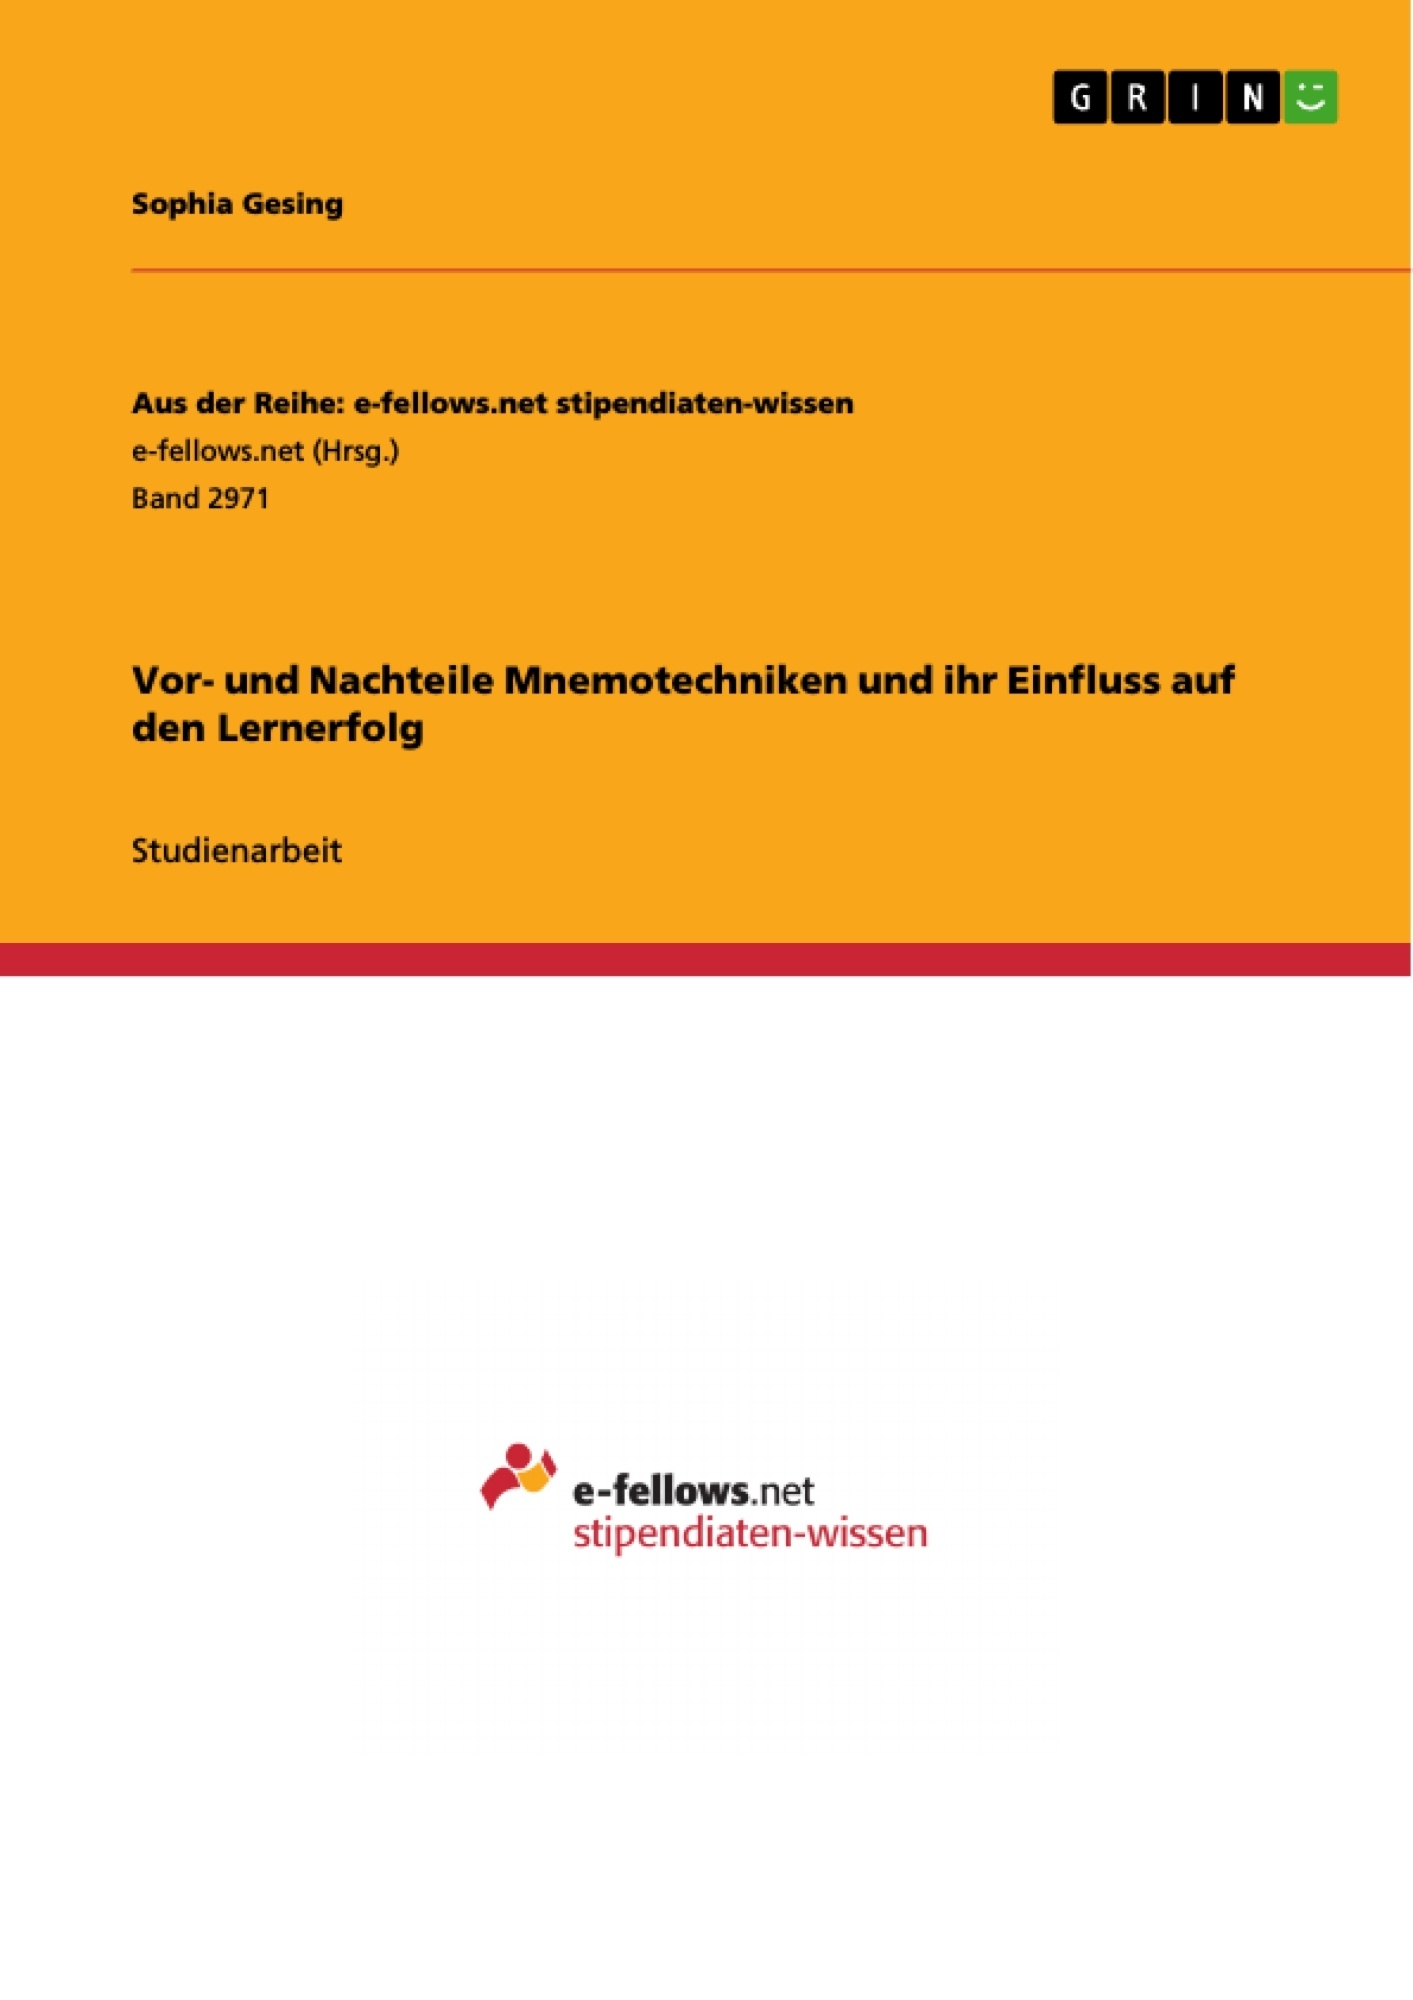 Titel: Vor- und Nachteile Mnemotechniken und ihr Einfluss auf den Lernerfolg